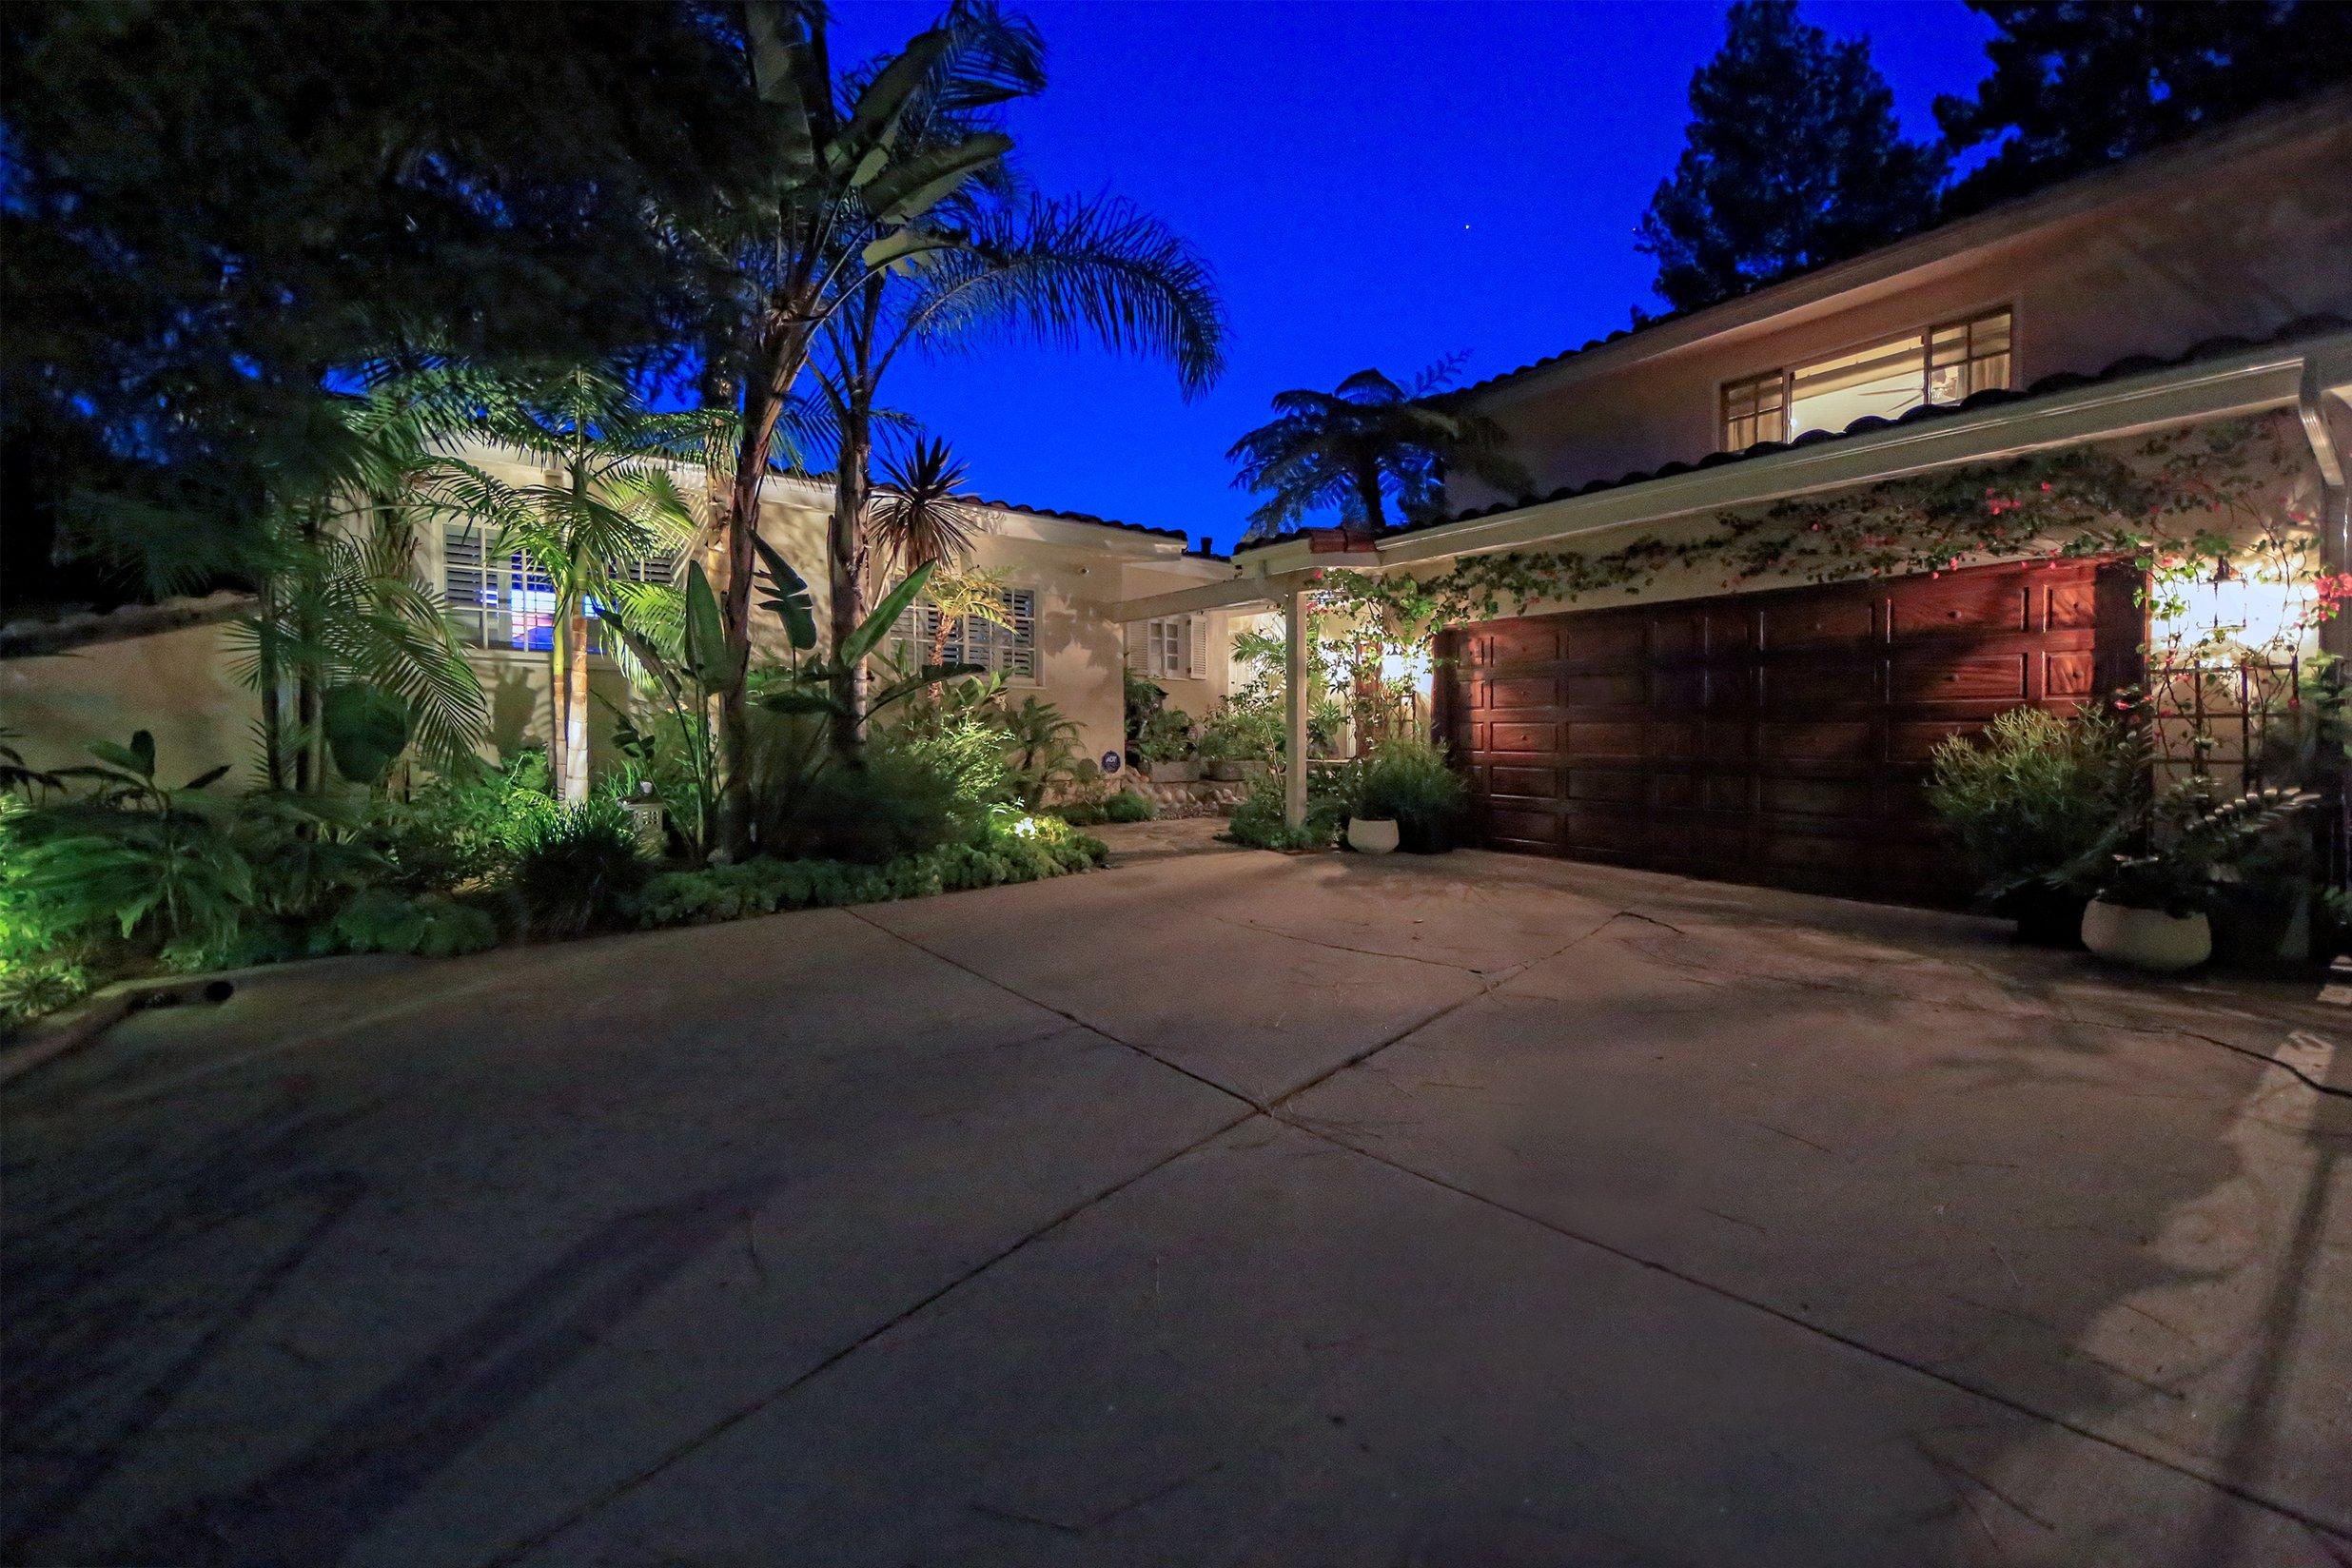 https://www.estatesales.net/CA/Los-Angeles/90046/2437281